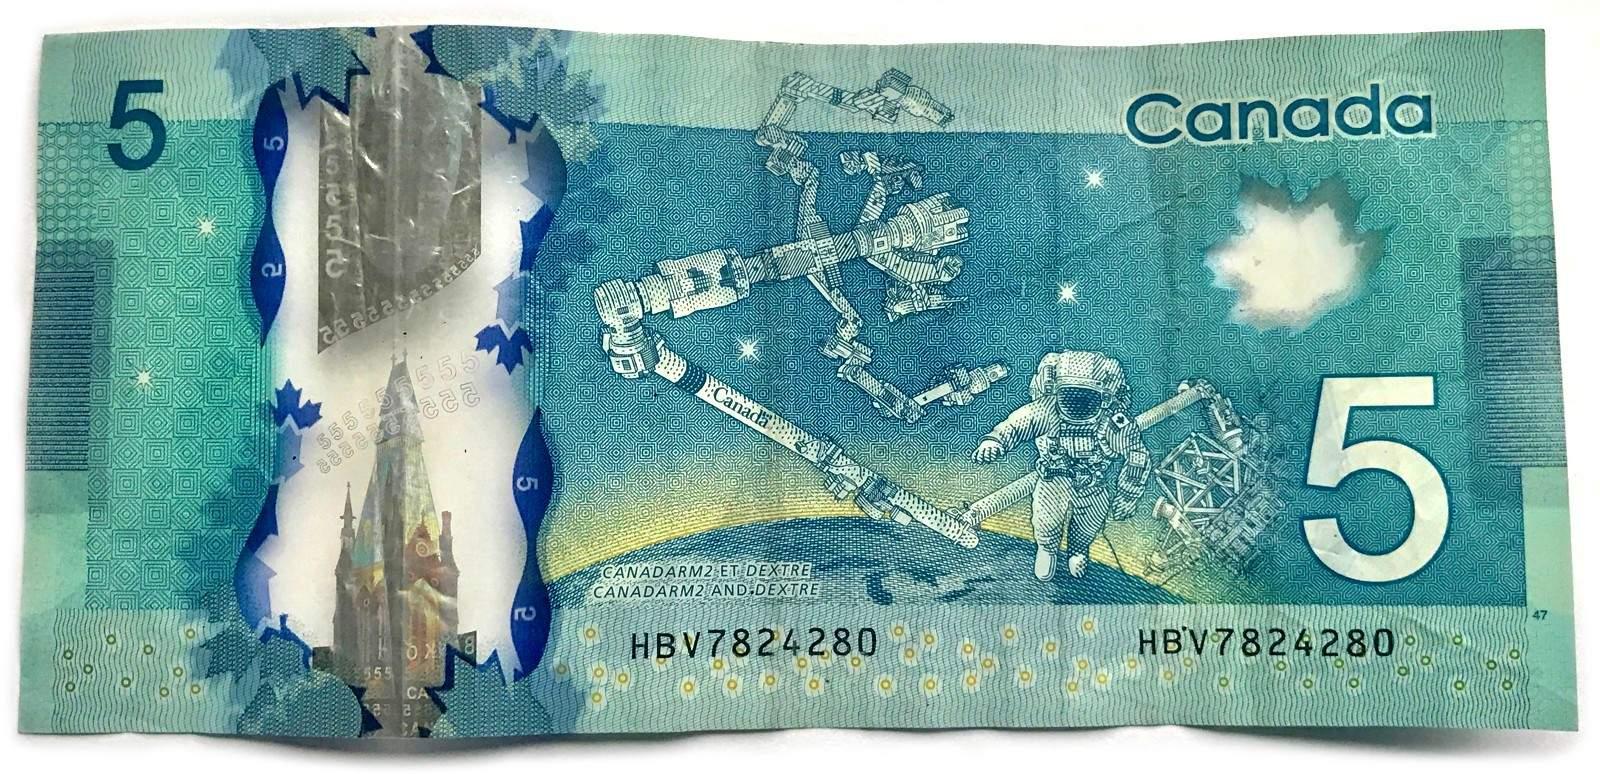 تصویر پشت اسکناس 5 دلاری کانادا، متعلق به ربات بازوی کانادایی به نام Canadarm میباشد